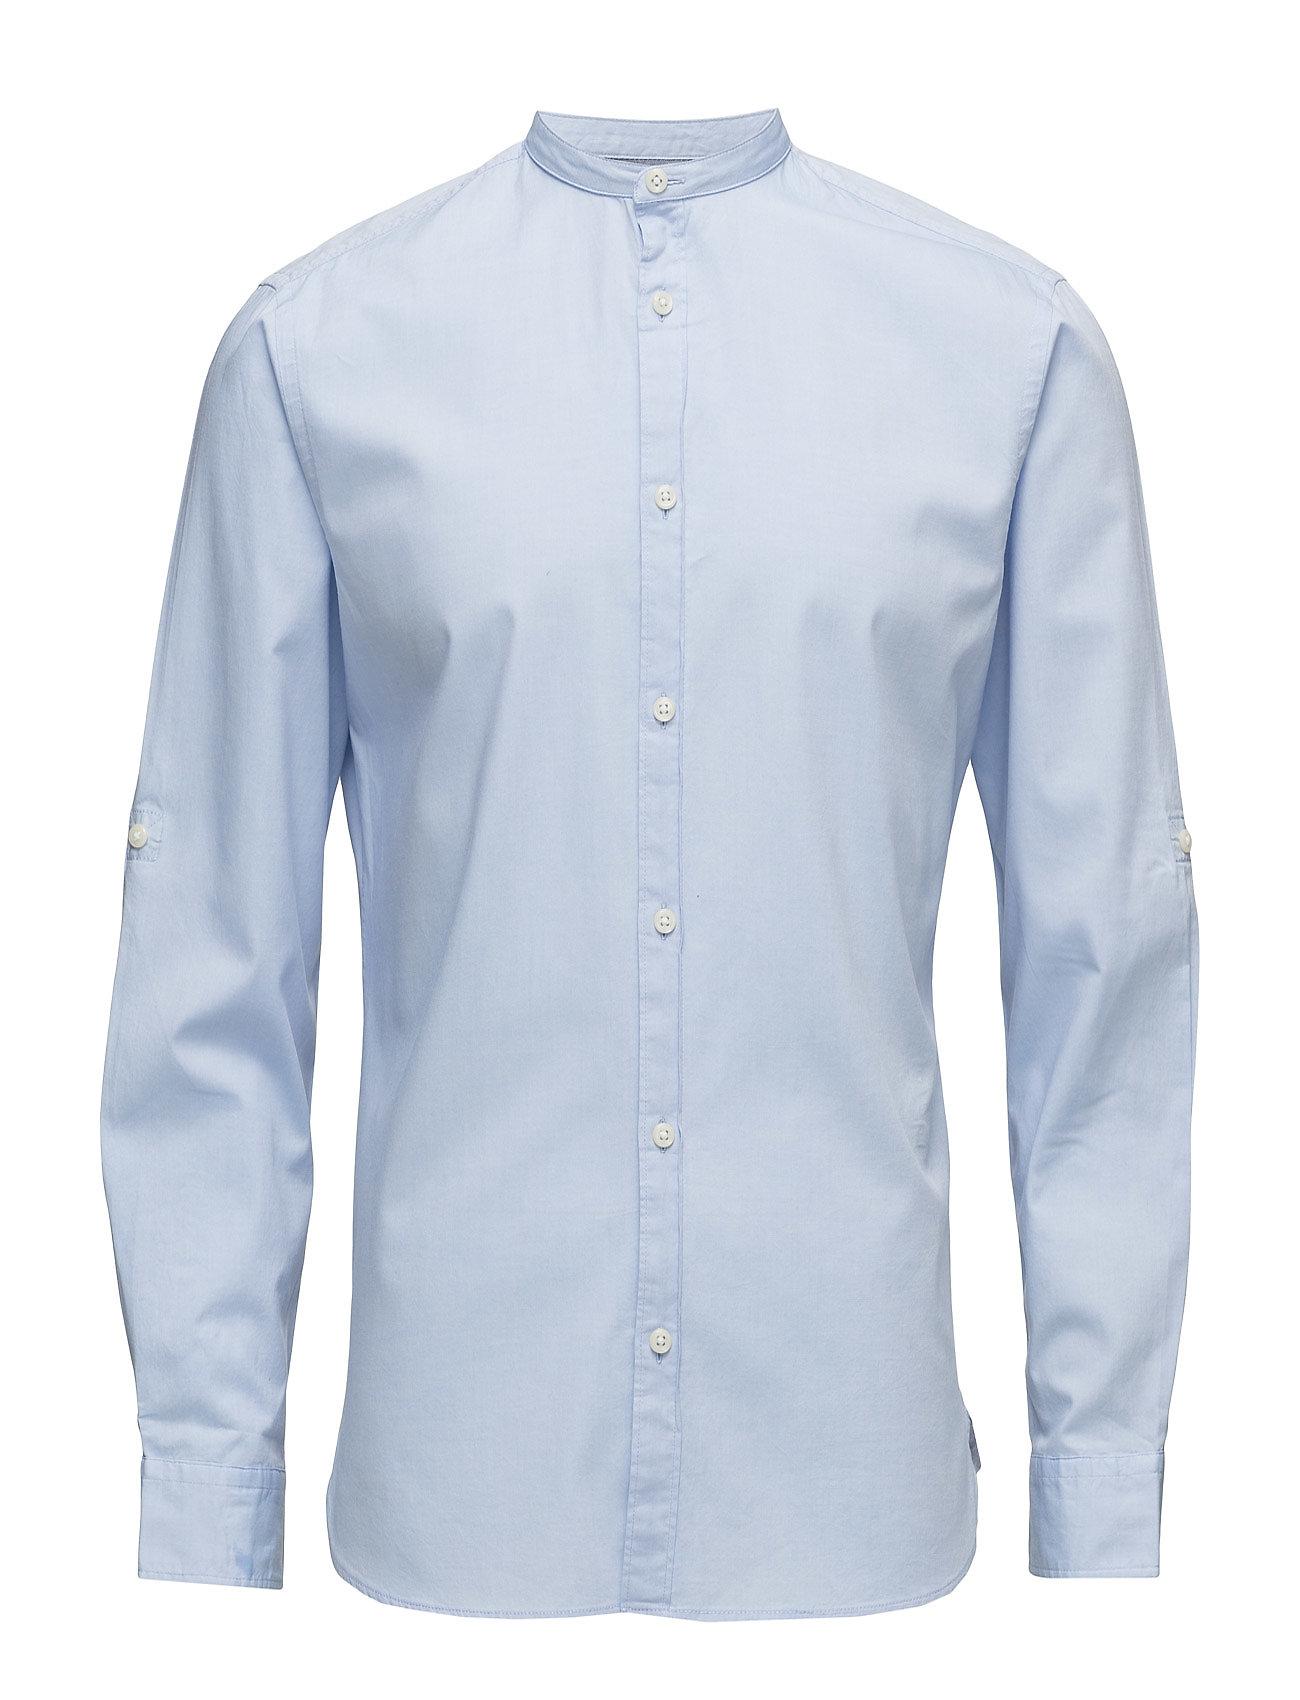 jack & jones premium – Jprsao paulo shirt l/s plain på boozt.com dk